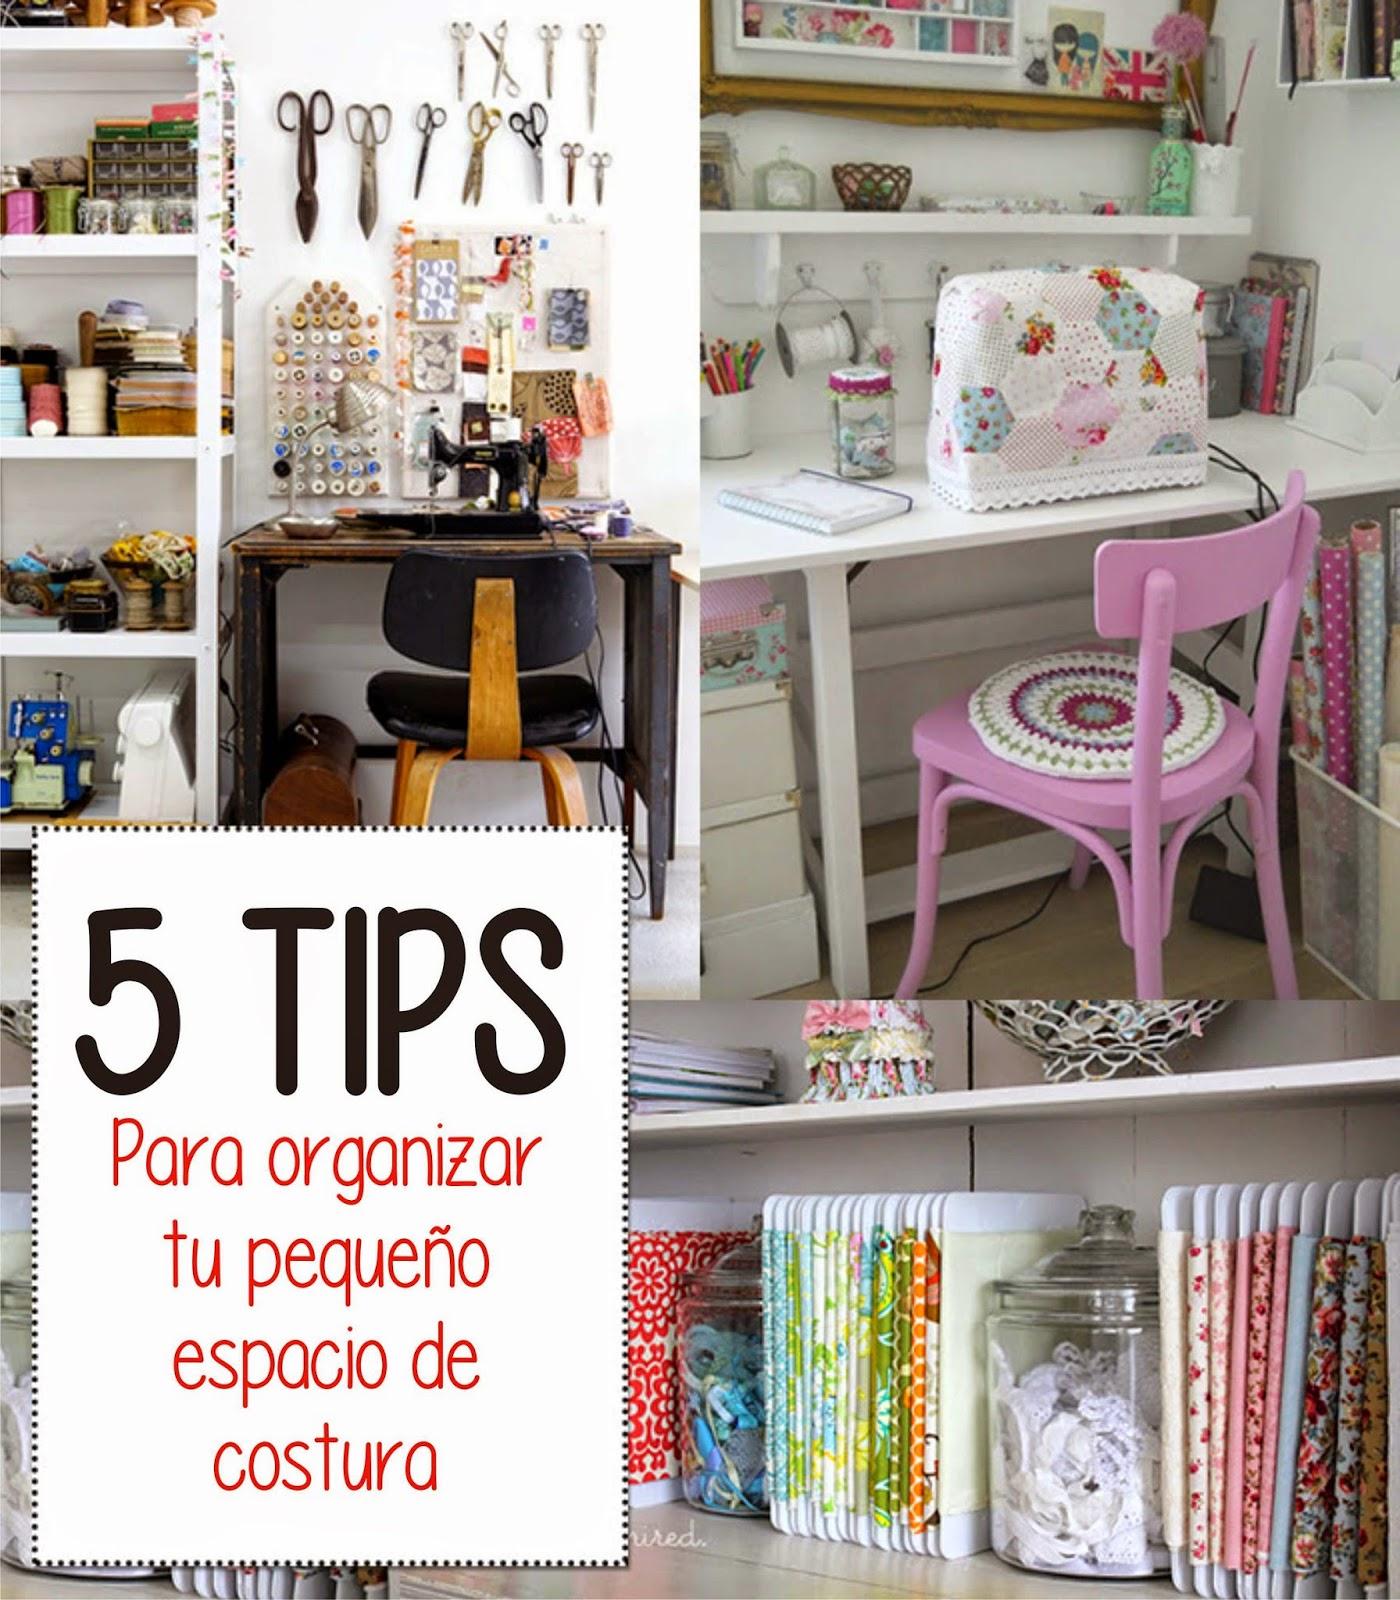 Casa bes 5 tips para organizar tu espacio de costura for Organizar habitacion